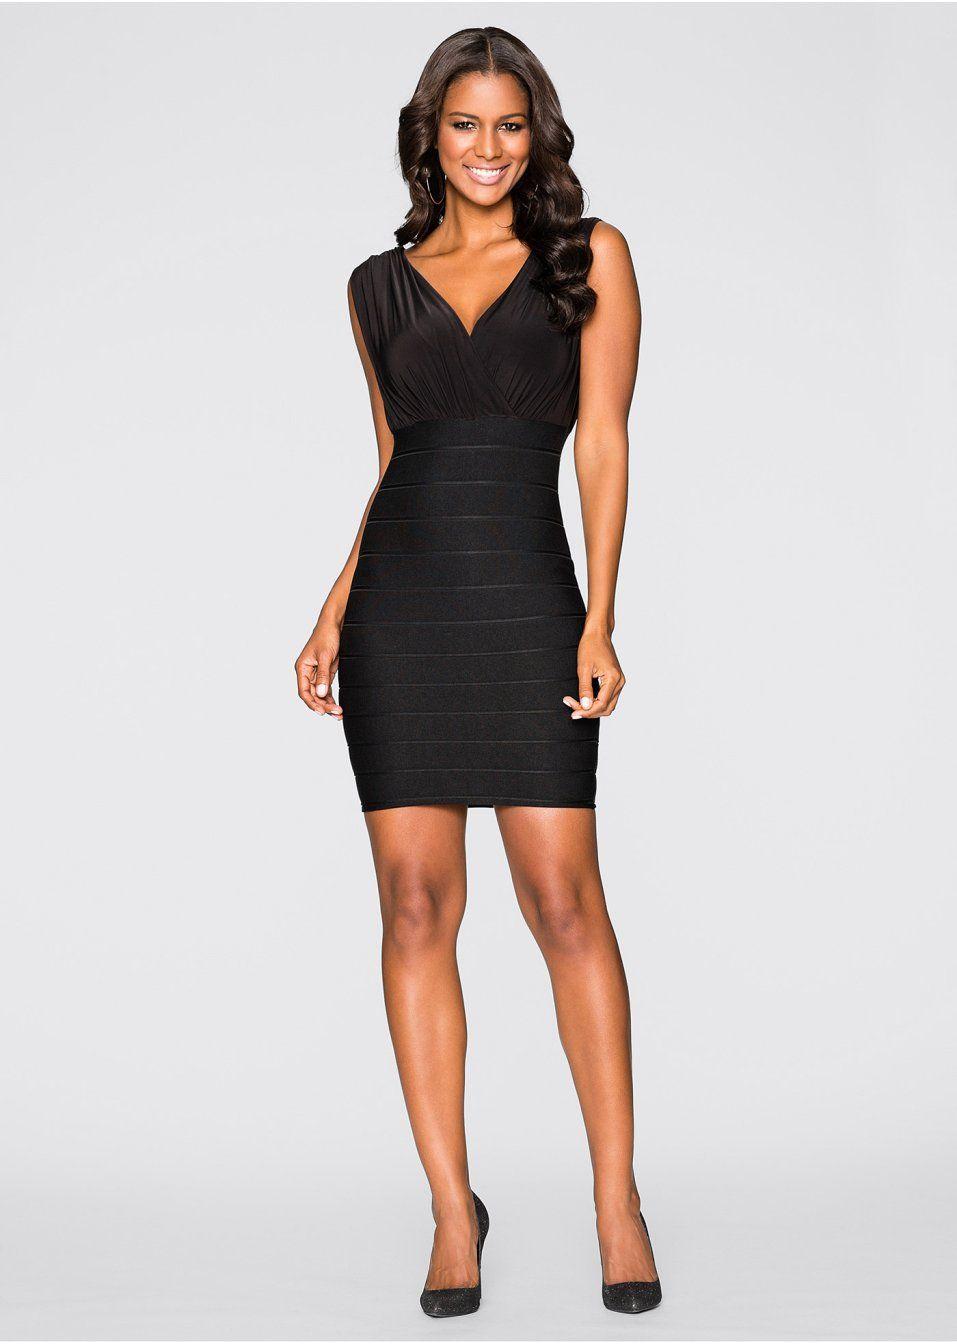 Sukienka z modelującego figurę materiału. Dł. w rozm. 38 ok. 90 cm. góra: 92% poliester, 8% elastan,  dół: 97% poliester, 3% elastan